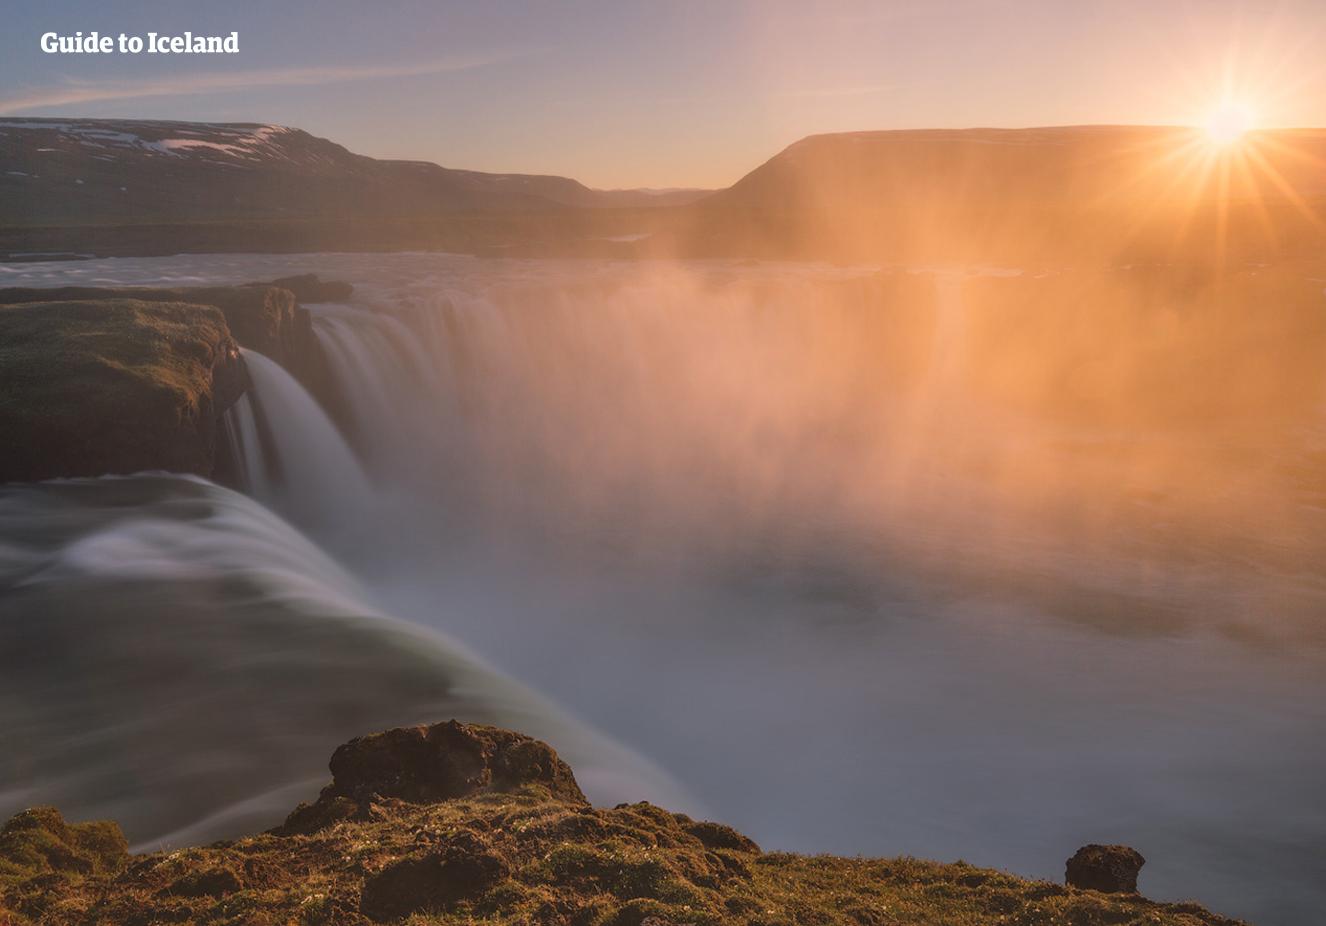 冰岛北部的众神瀑布景色秀丽,与冰岛皈依基督教的历史颇有渊源